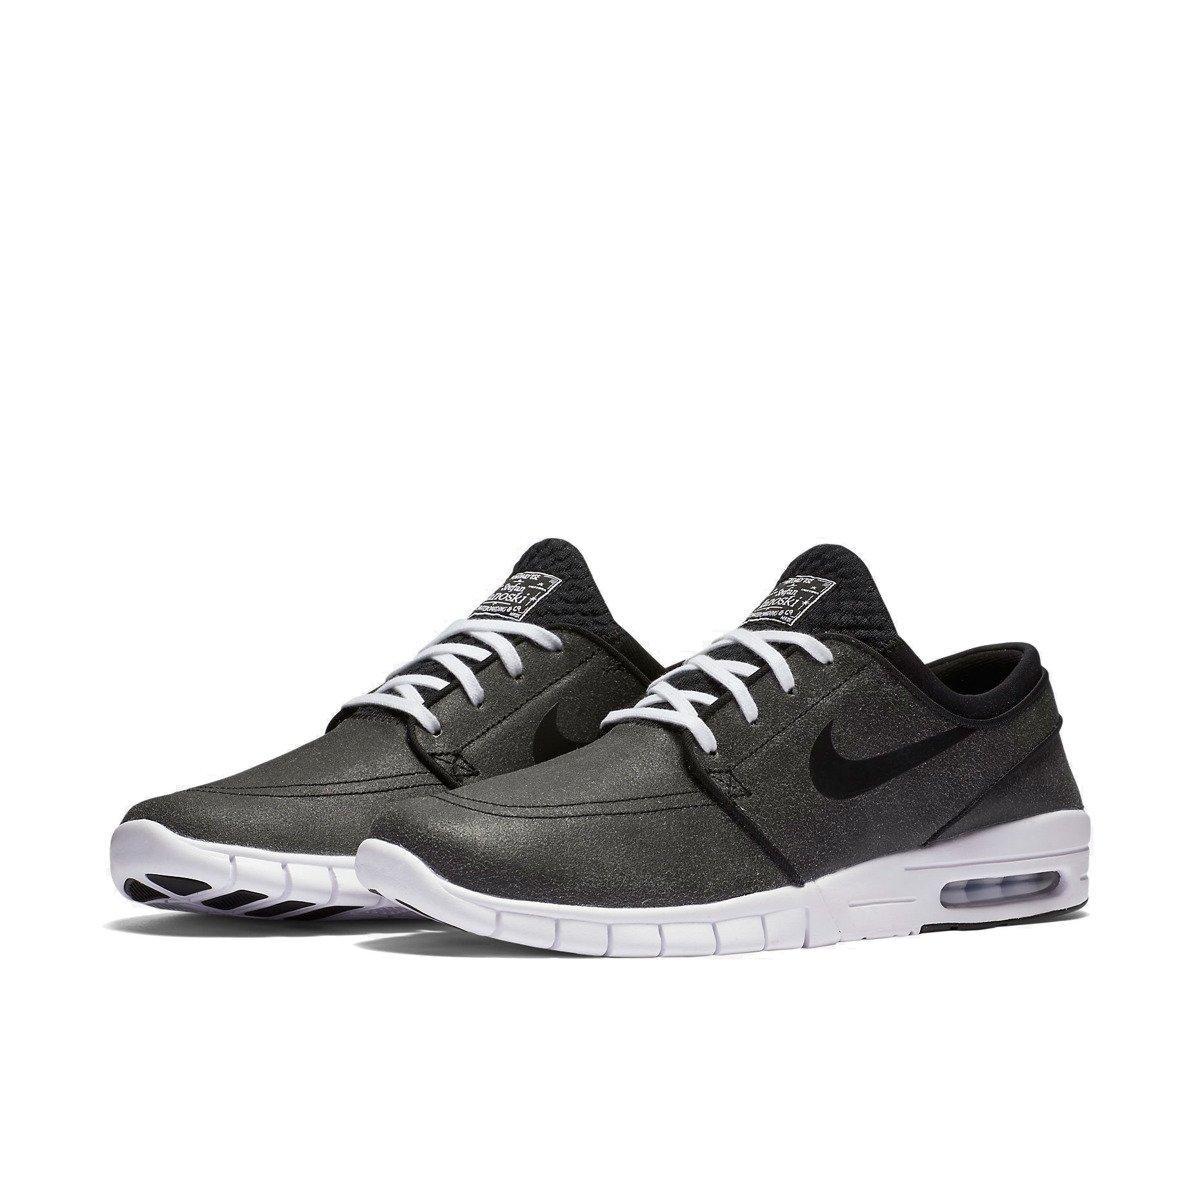 sports shoes 95722 80940 Kliknij, aby powiększyć · buty nike sb stefan janoski max leather premium  black black-white-wolf grey